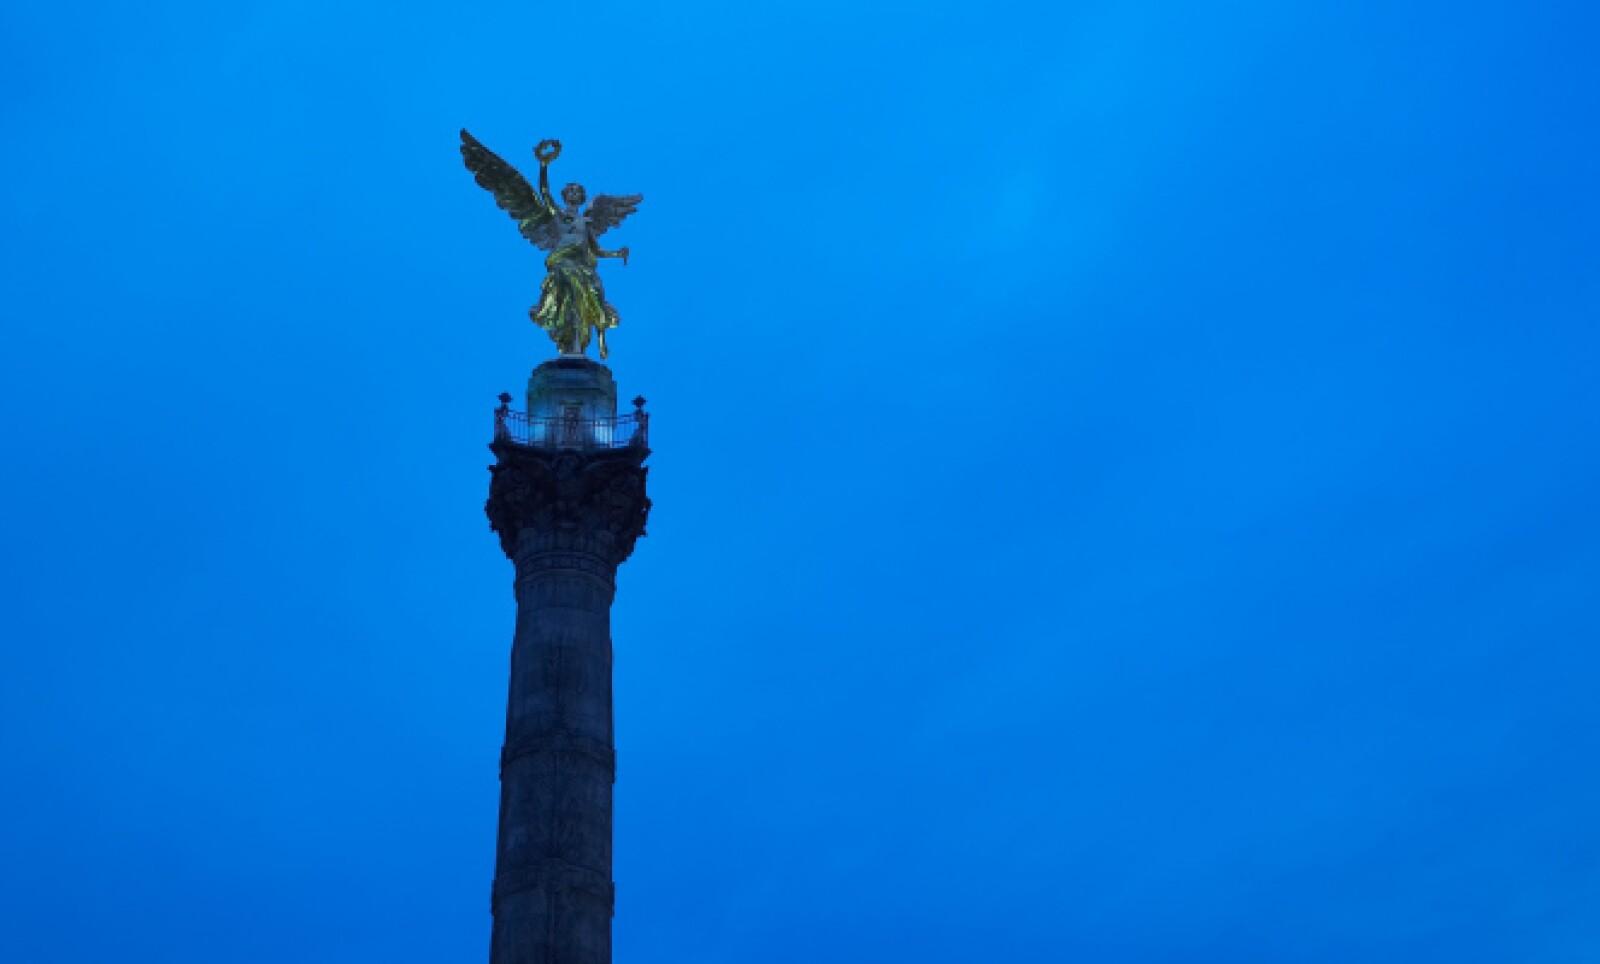 El Ángel de la Independencia nos recibe en este paseo frugal por una de las ciudades más visitadas del mundo. Inaugurado por Porfirio Díaz el 16 de septiembre de 2010, la estatua del ángel mide casi 7 metros y tiene un peso de 7 toneladas.